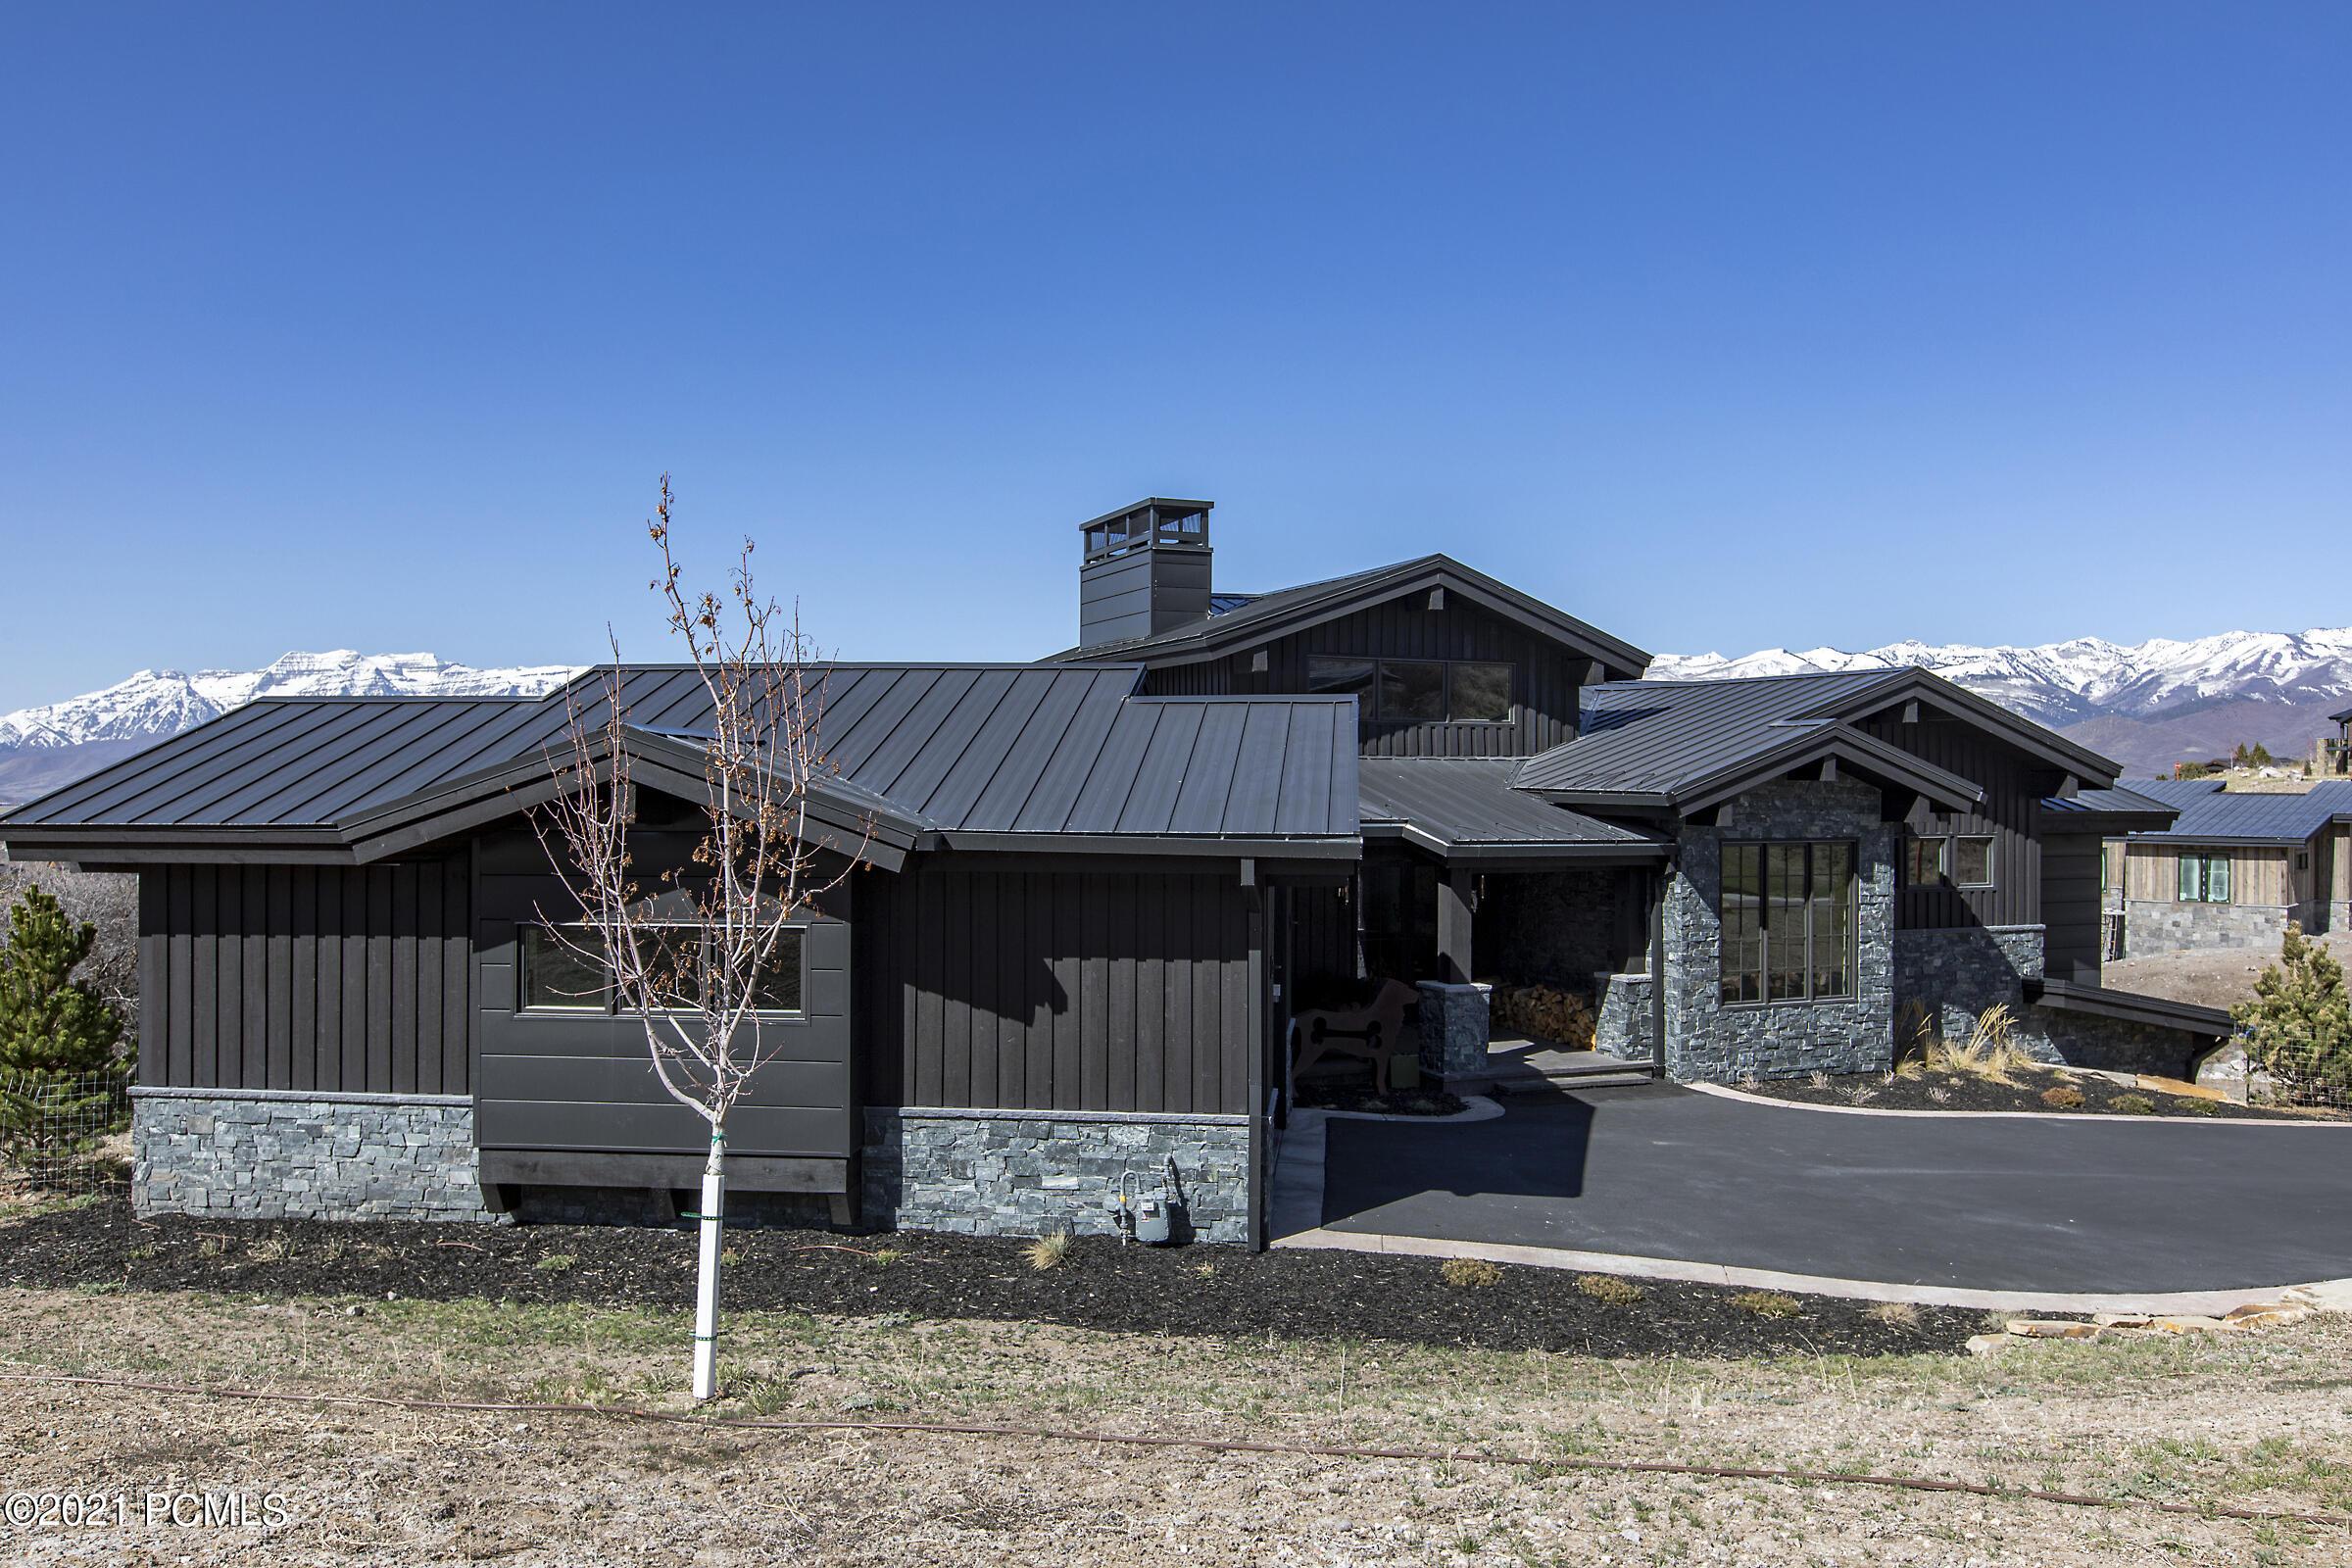 2118 Notch Mountain Cir, Heber City, Utah 84032, 3 Bedrooms Bedrooms, ,5 BathroomsBathrooms,Single Family,For Sale,Notch Mountain Cir,12101443